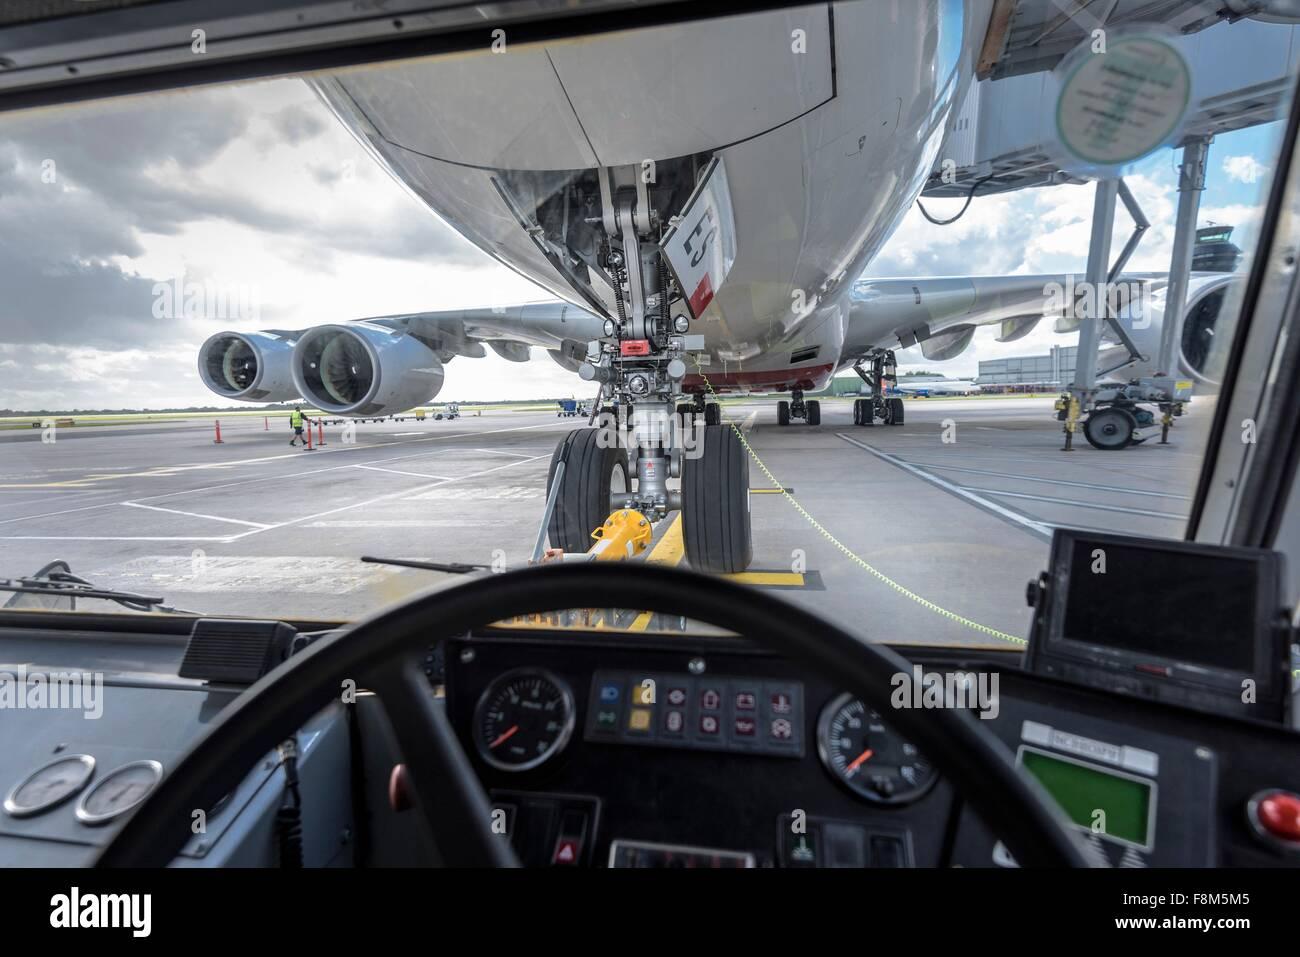 Vista de aviones A380 desde el interior remolcador Imagen De Stock